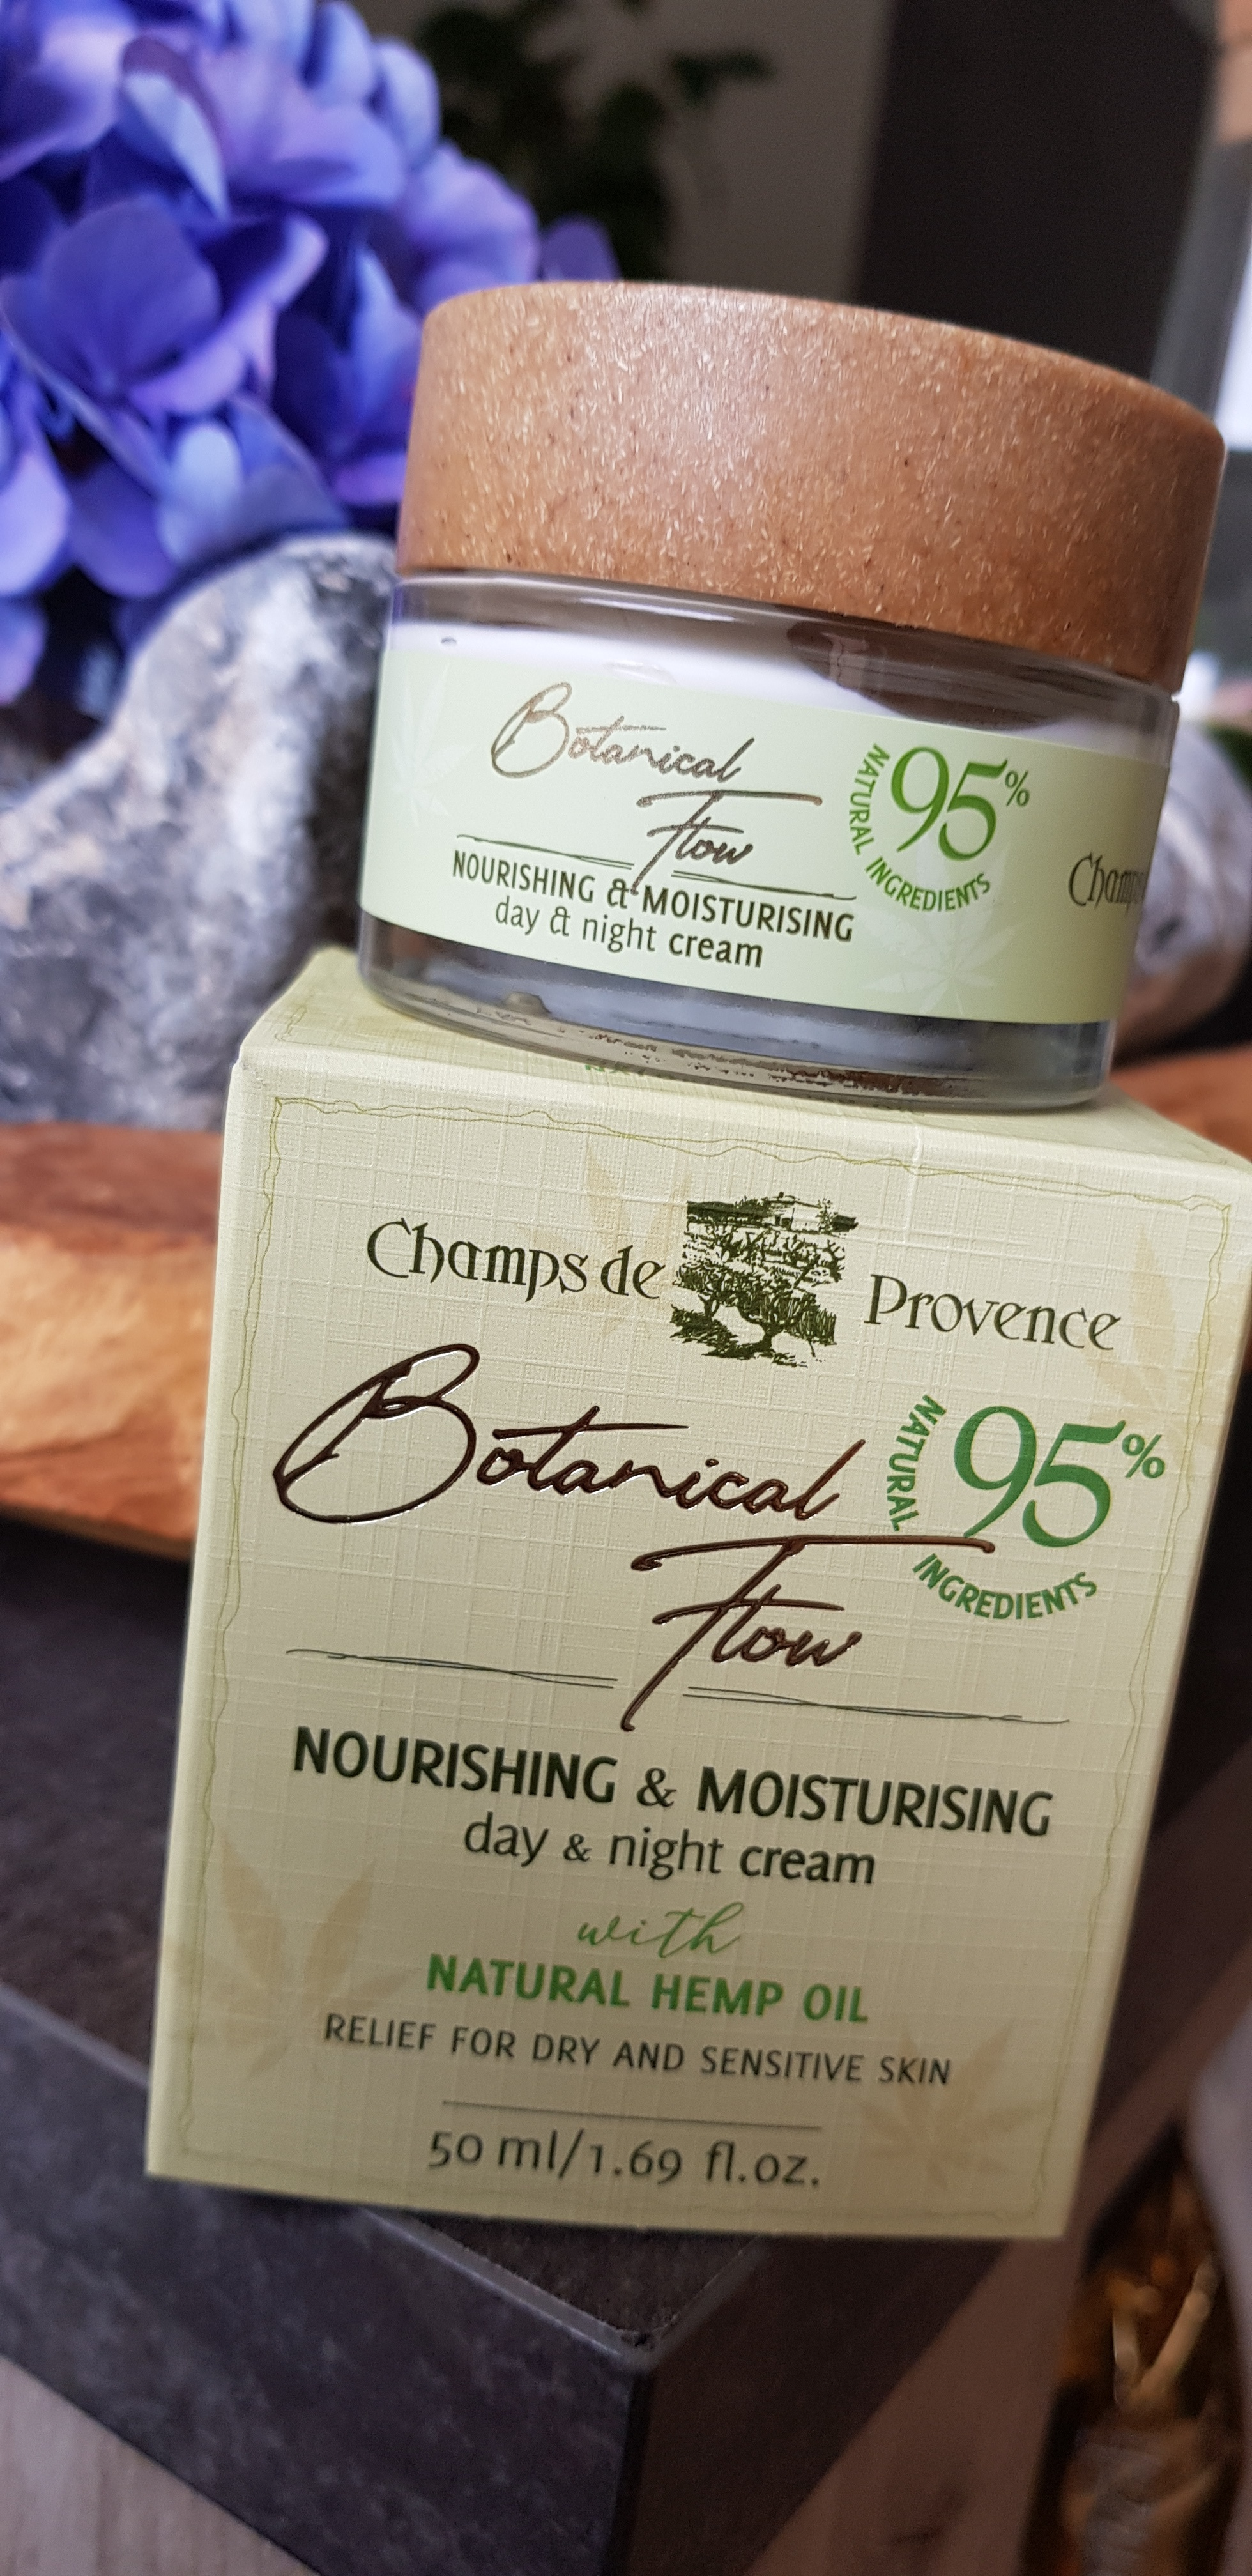 Botanical Flow Een Goede Crème Die Voor 95 Bestaat Uit Natuurlijke Ingrediënten Hotstuffforladies